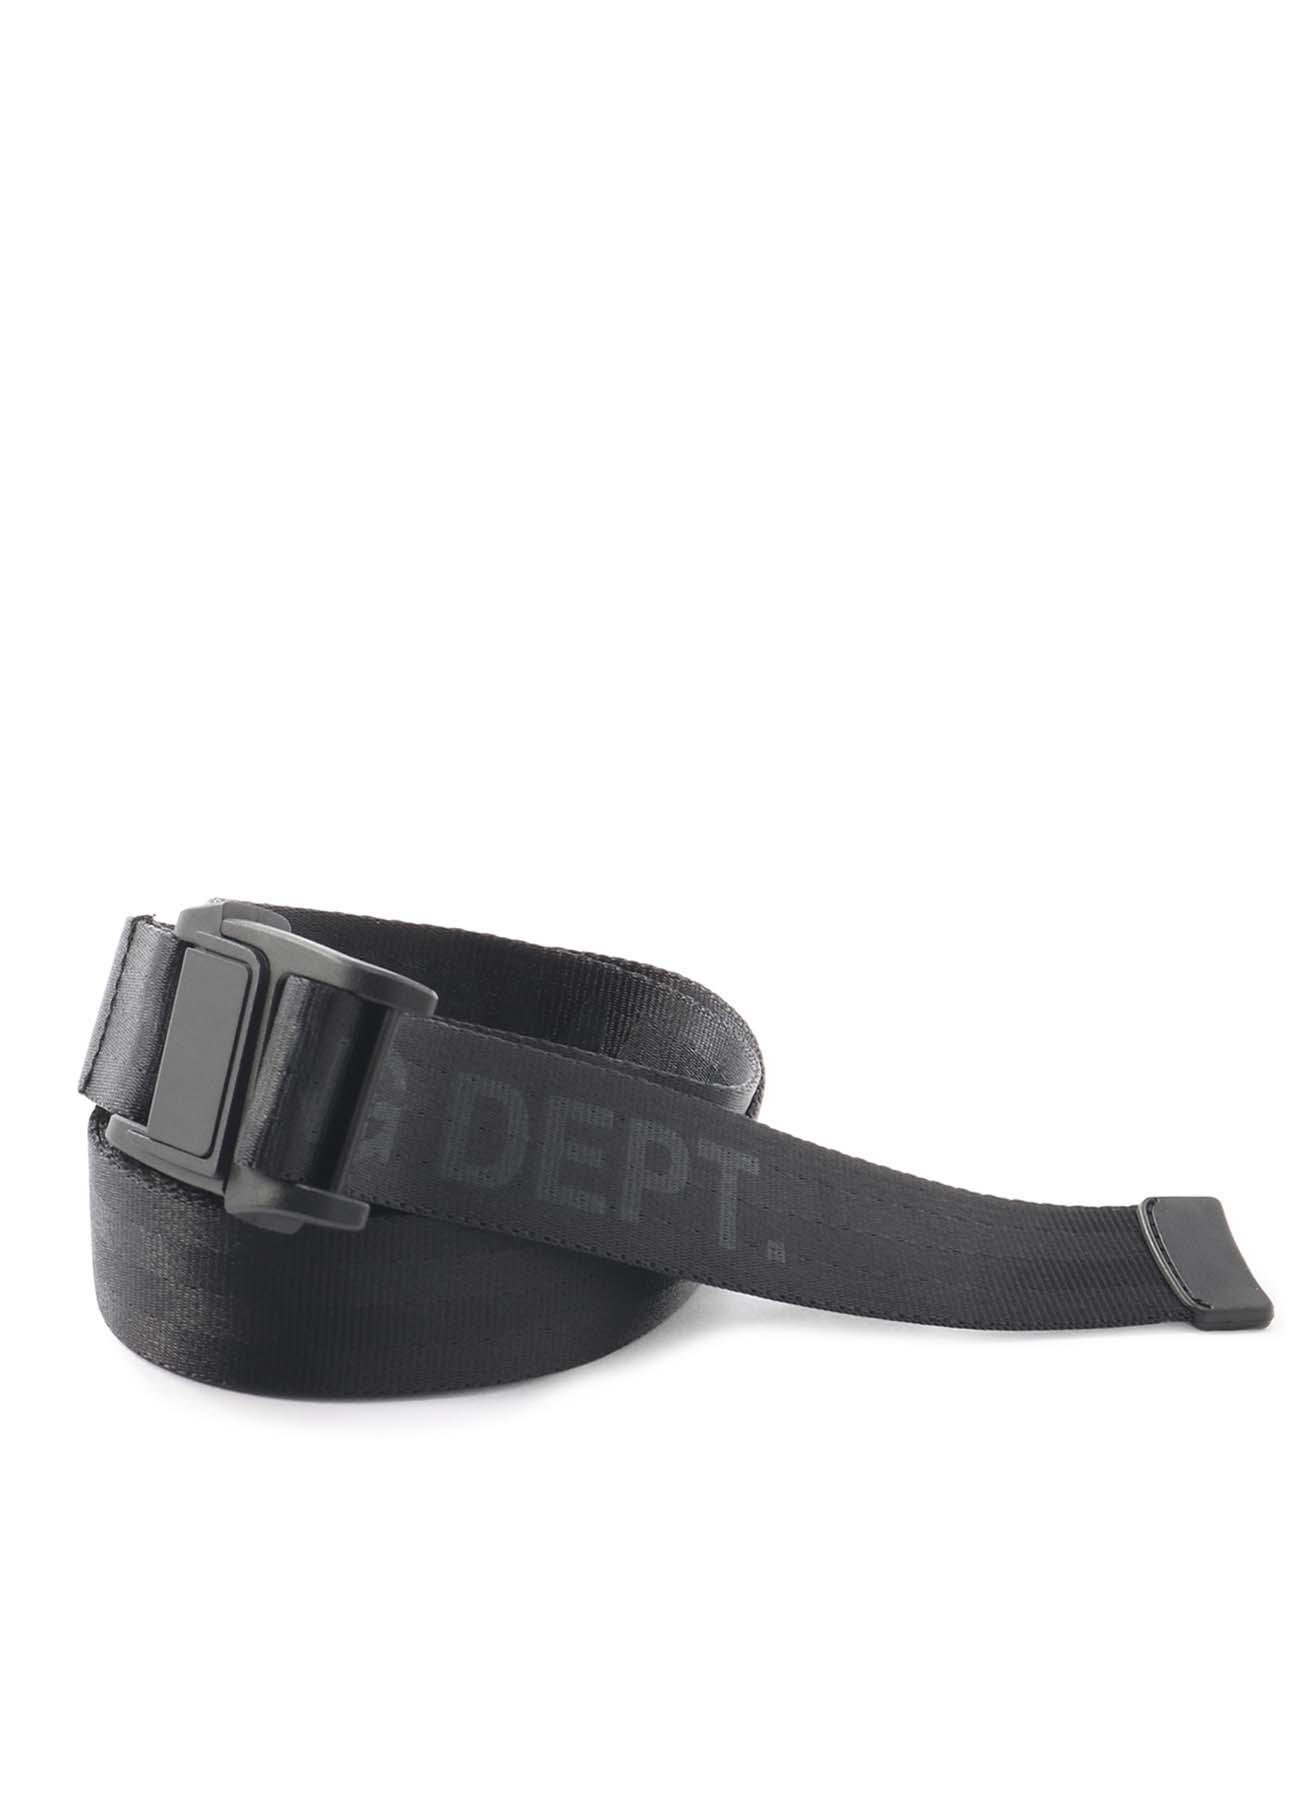 磁铁带扣尼龙长腰带